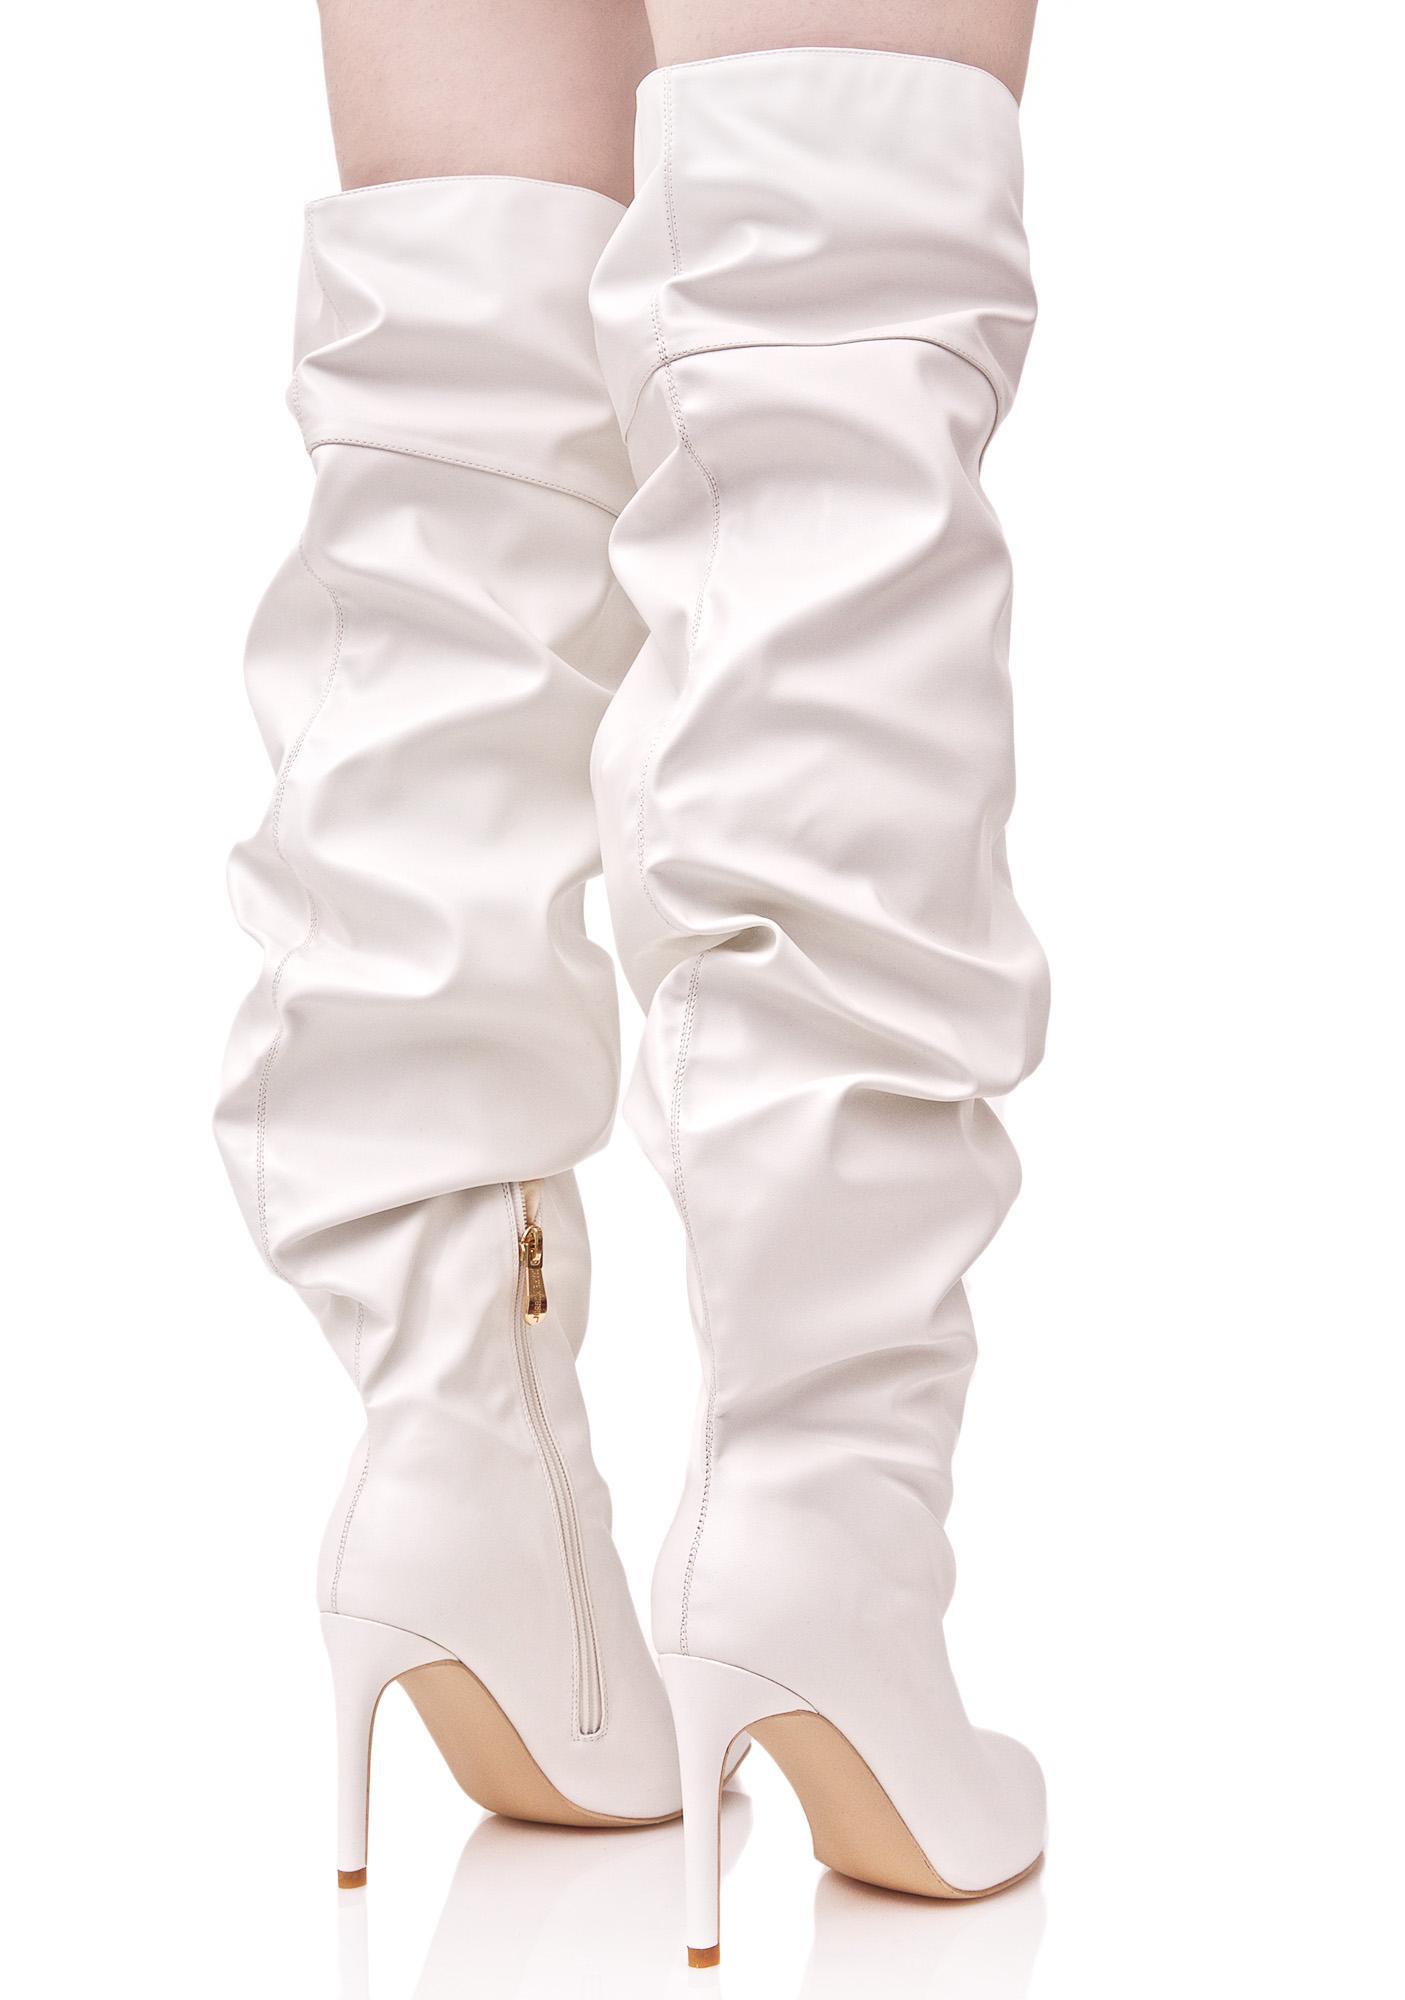 Meet My Demandz Slouchy Boots